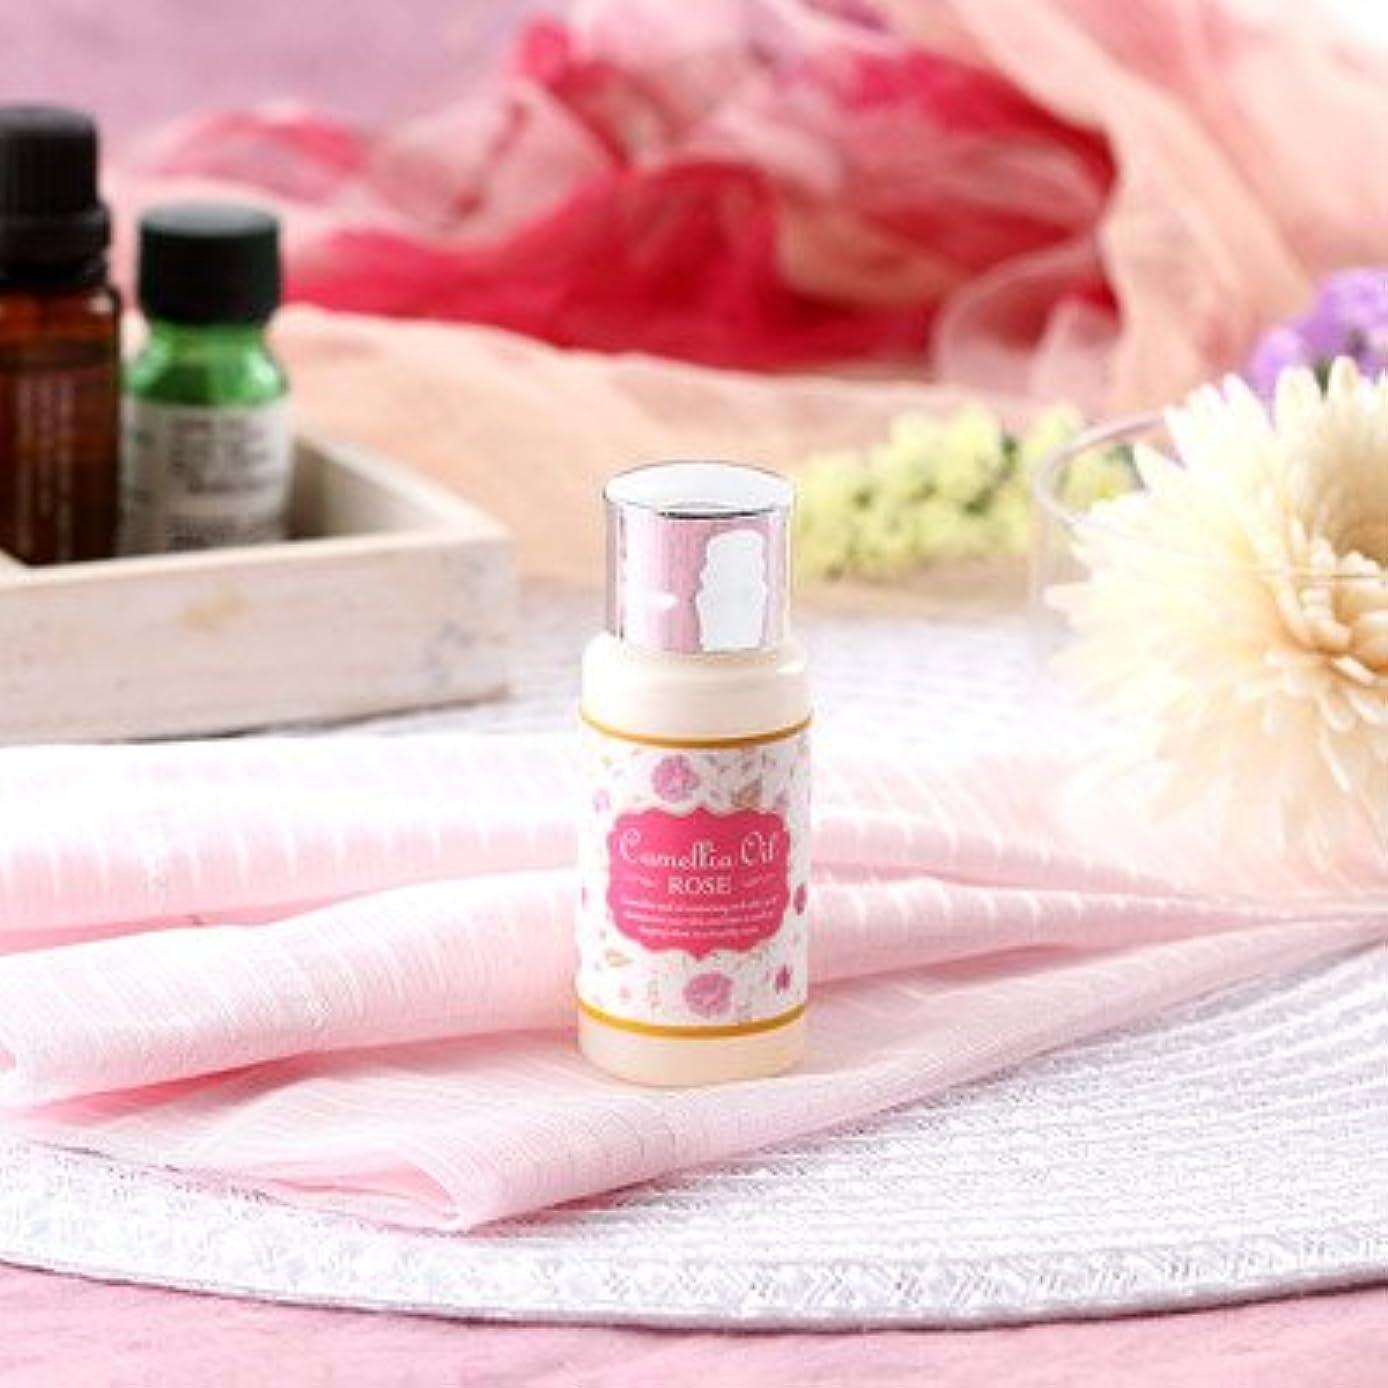 比較的欠点予見する椿オイルにダマスクローズの香りを 合わせた カメリアオイル ローズ